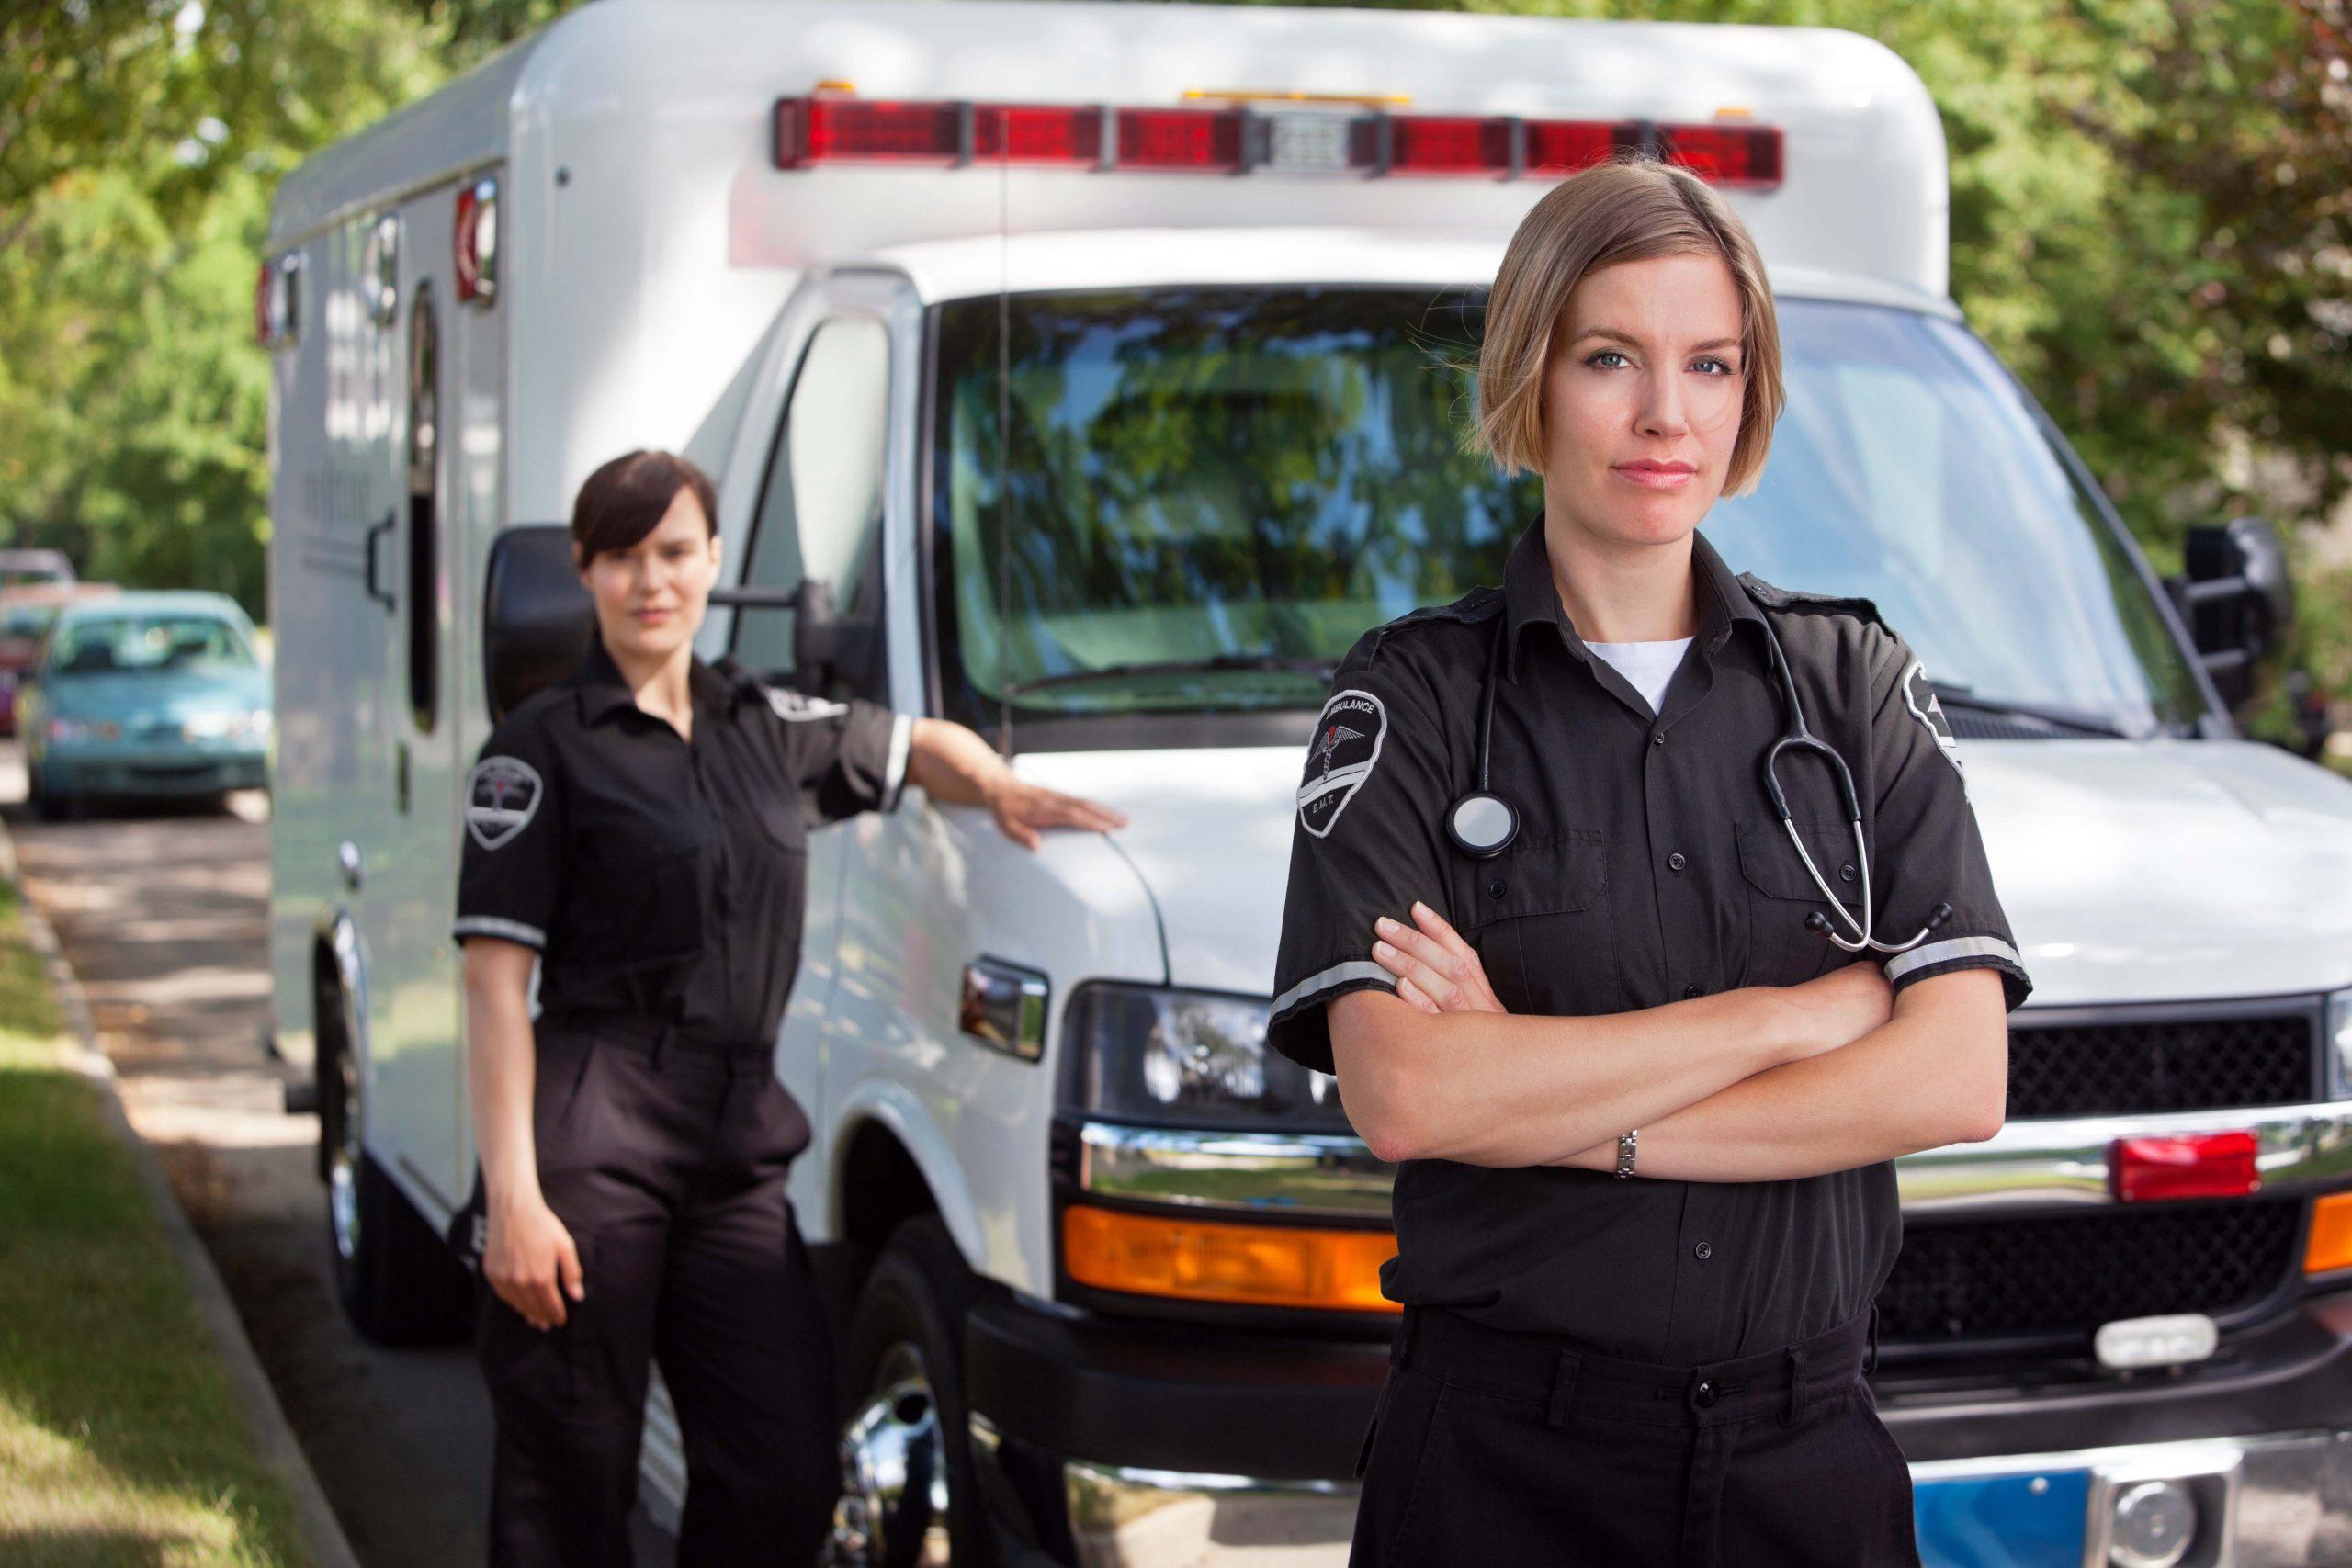 Ambulance USA BLS Ambulance Transportation scaled